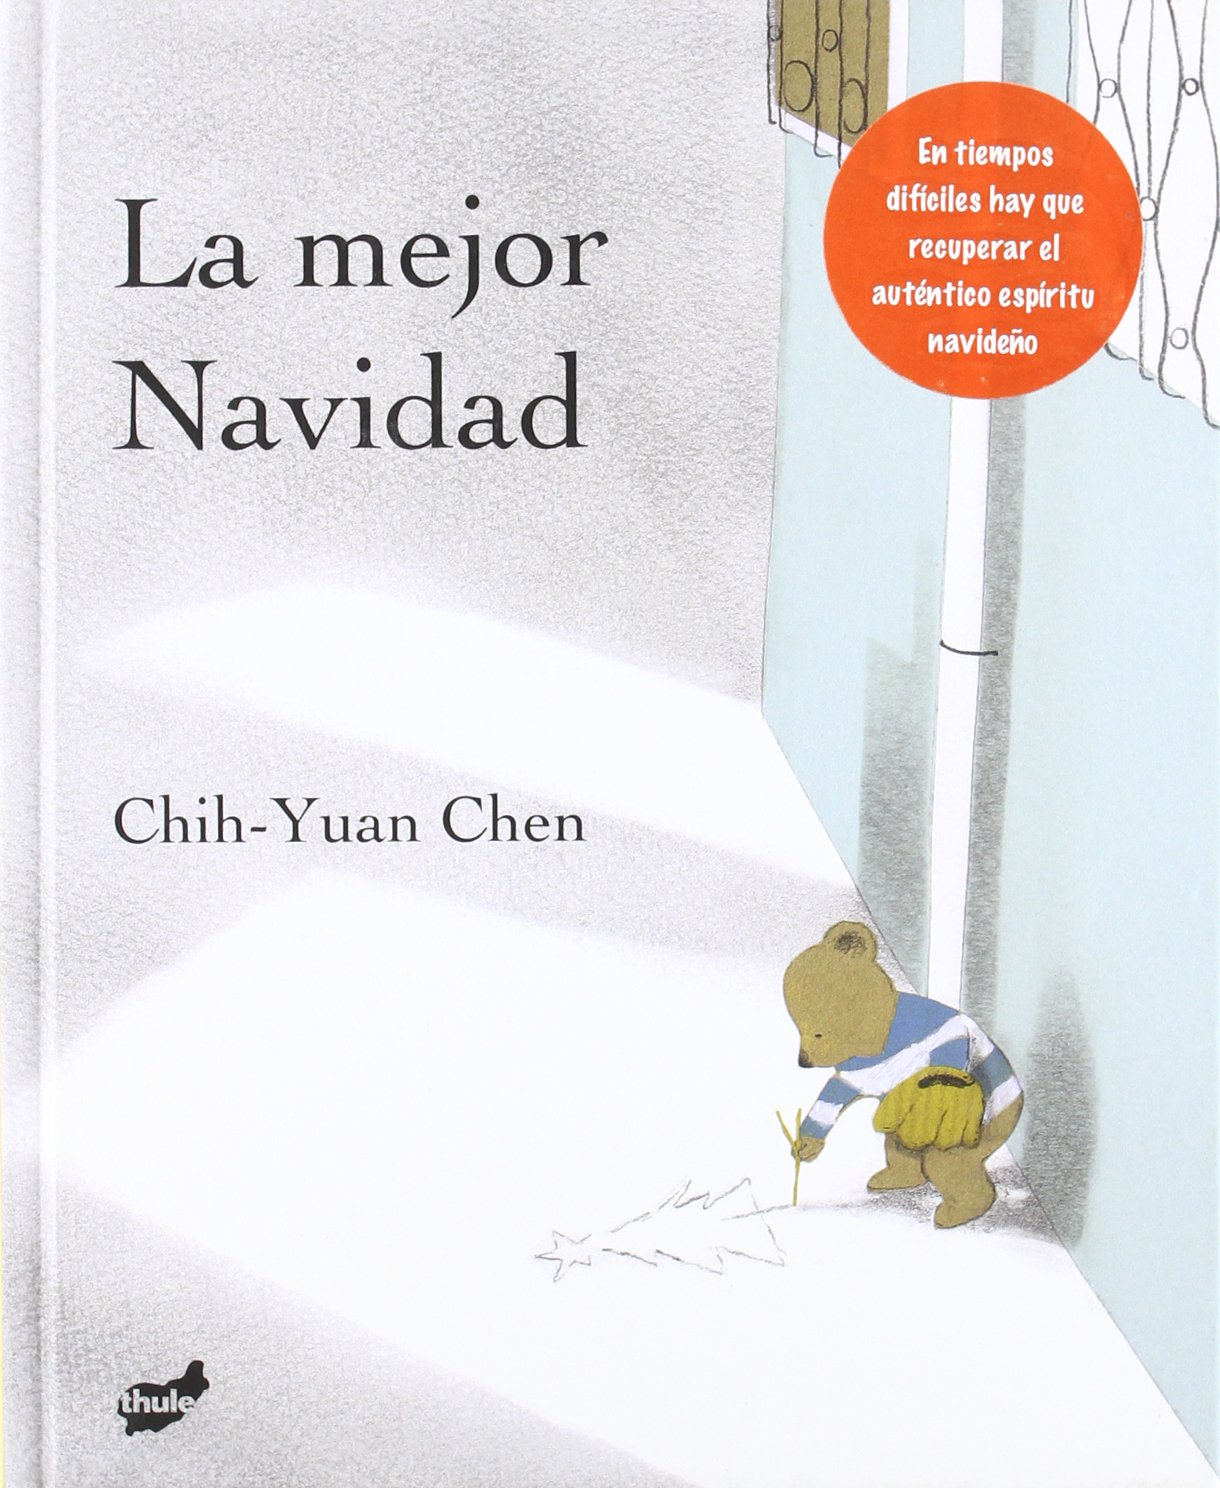 La Mejor Navidad (Trampantojo): Amazon.es: Chih-Yuan, Chen, Chih-Yuan, Chen, Azid, Aloe: Libros